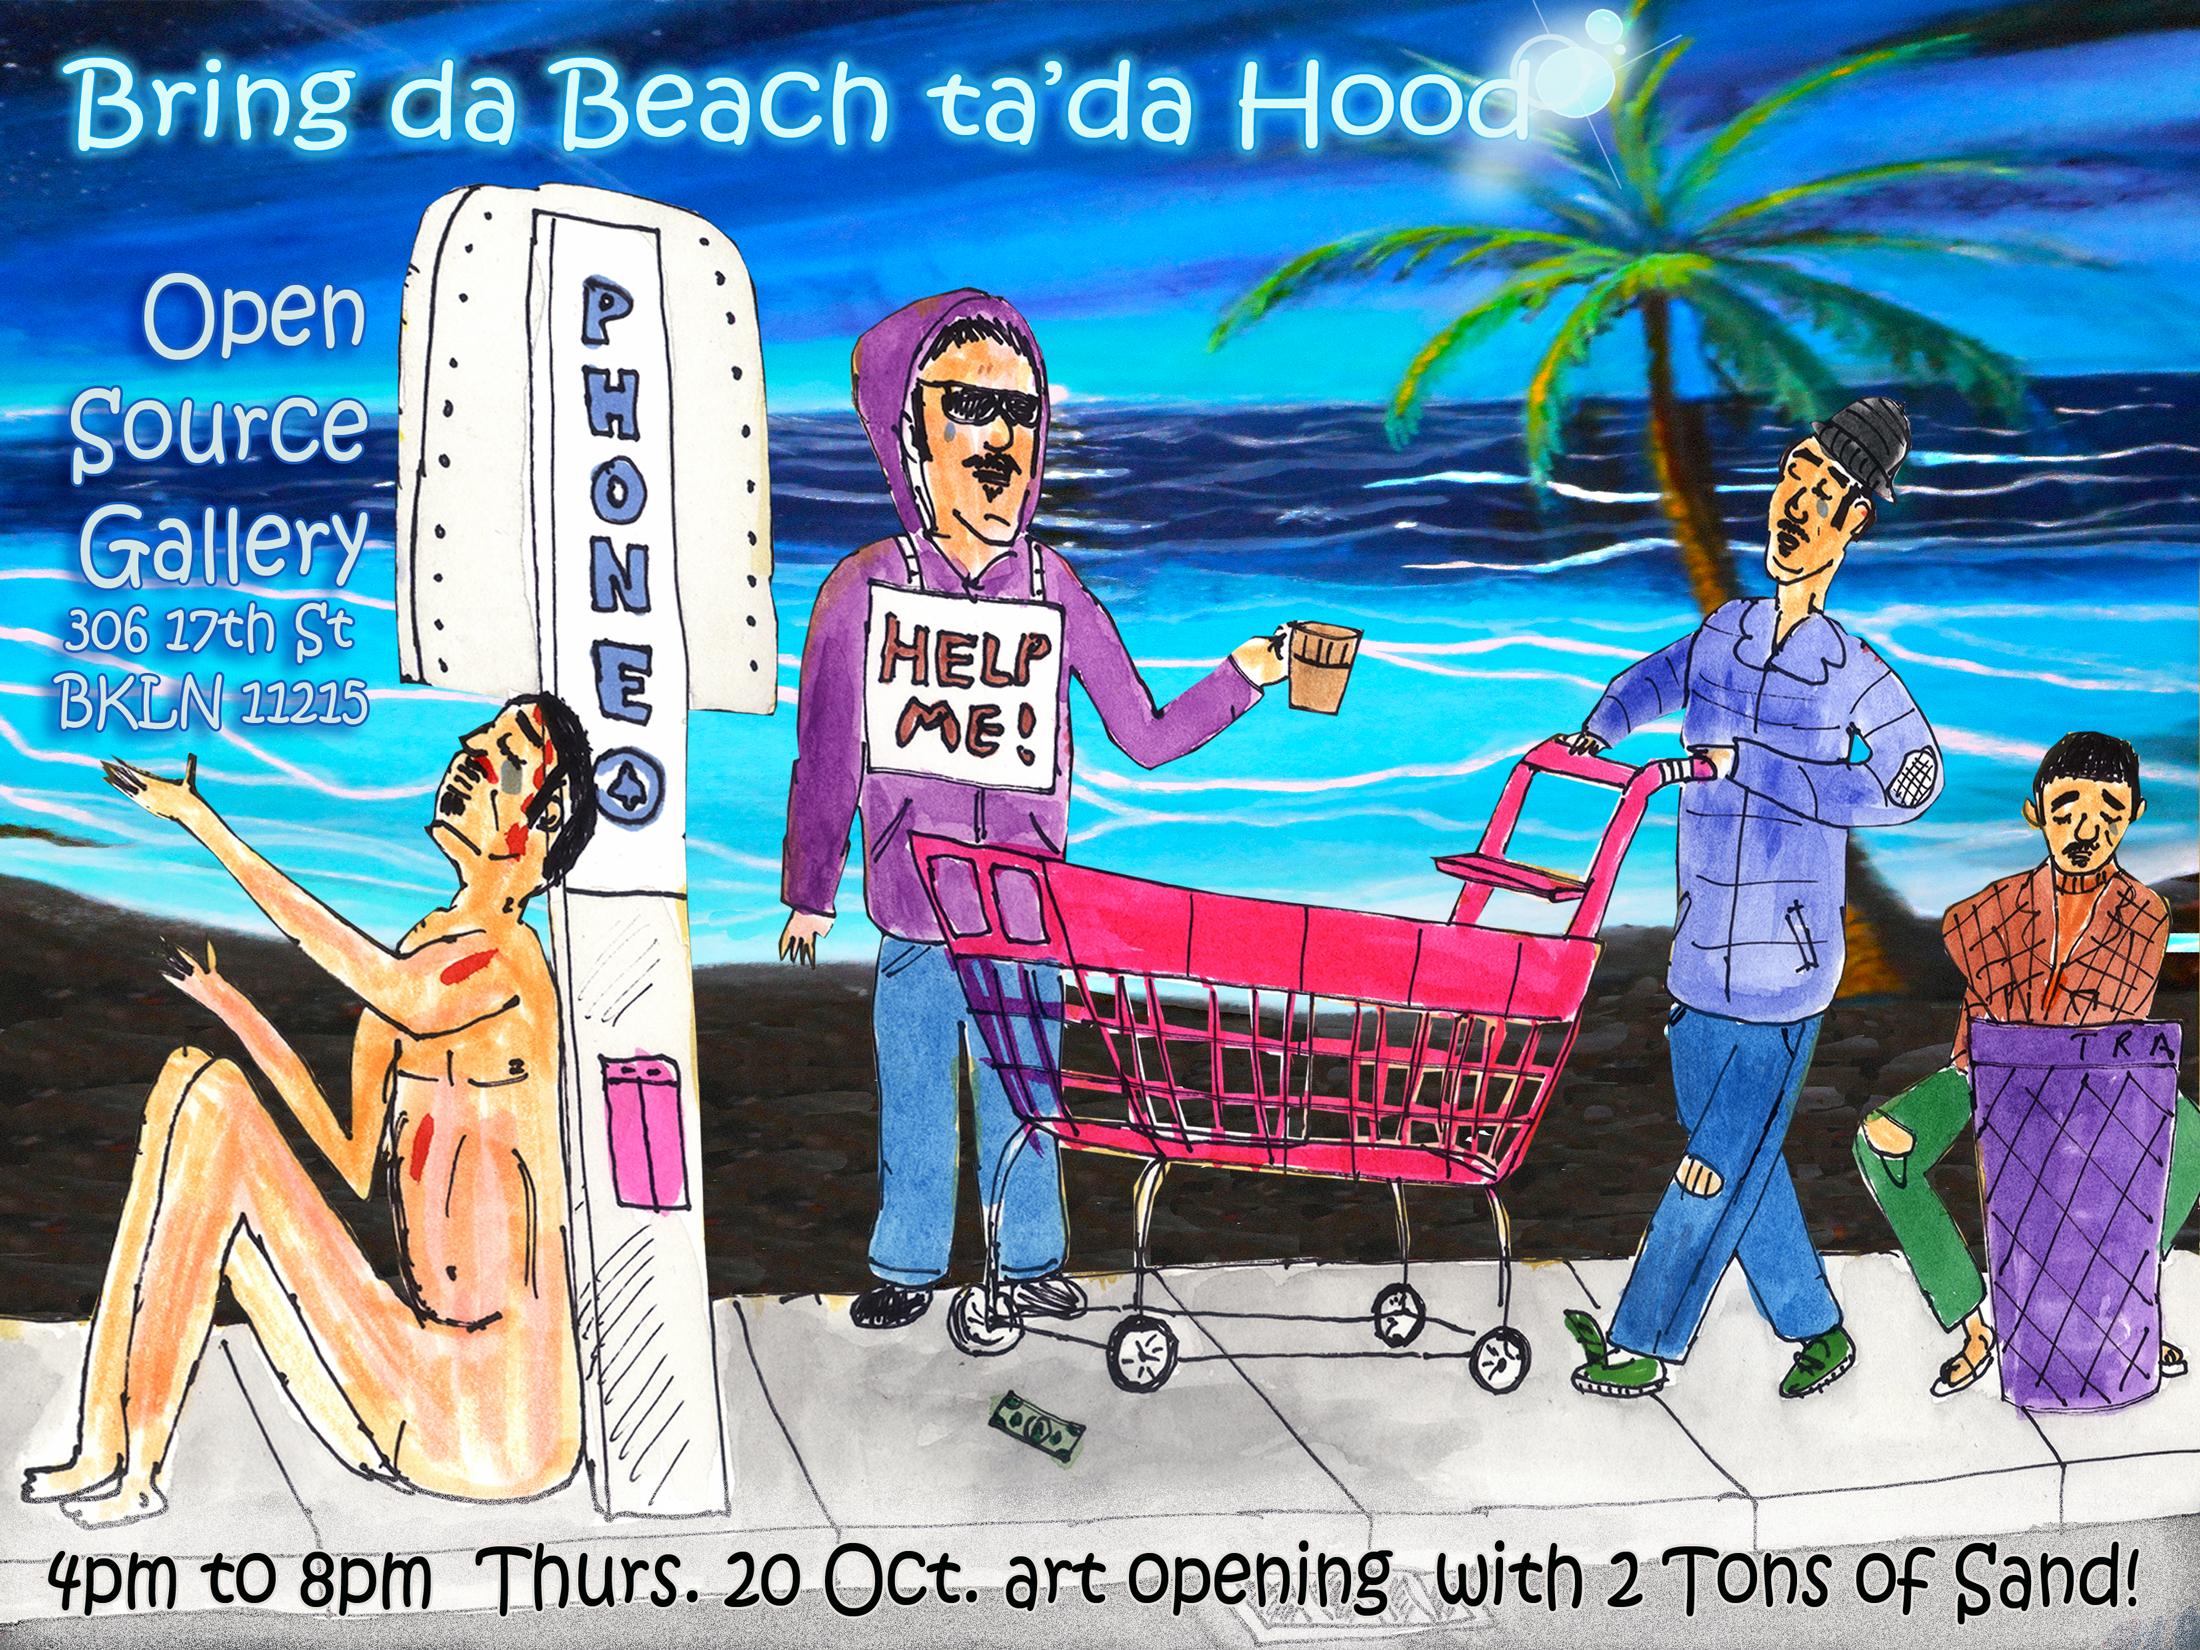 Bring-da-Beach-ta-da-Hood 8.5x11